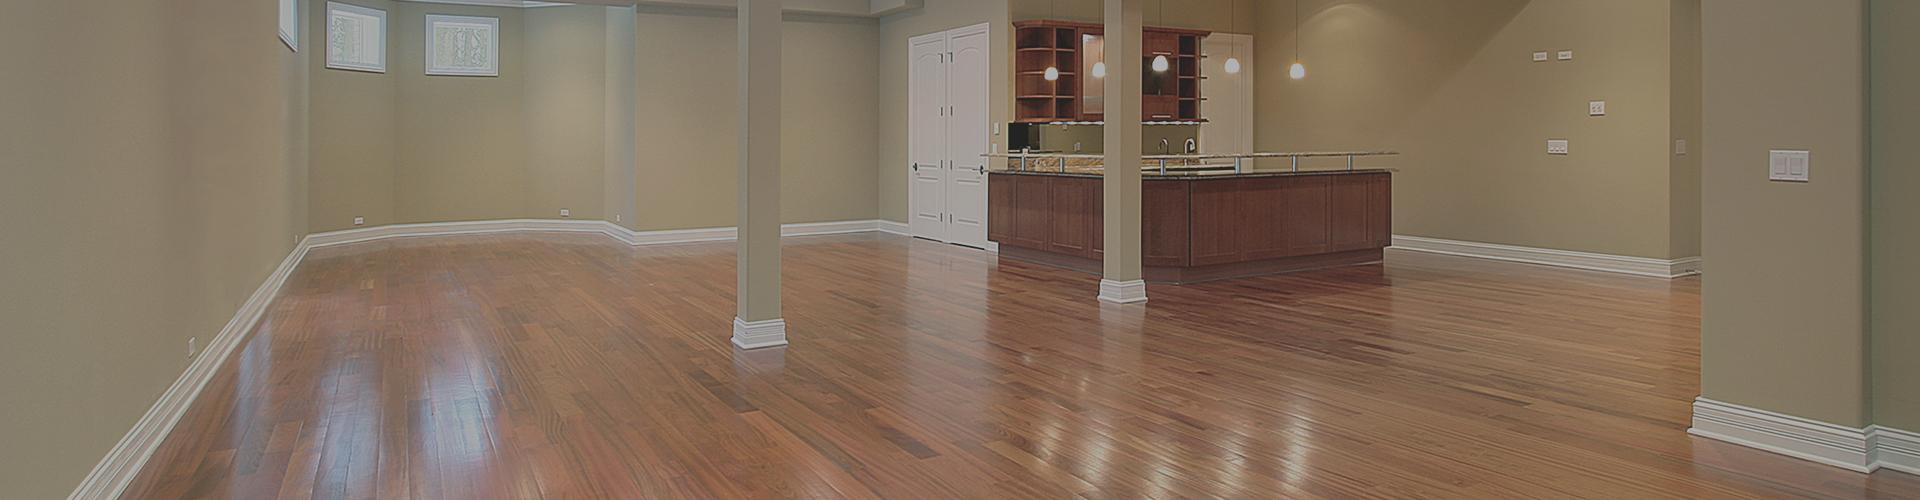 Hardwood Floor Installation in Smithtown, Suffolk County, East Setauket NY